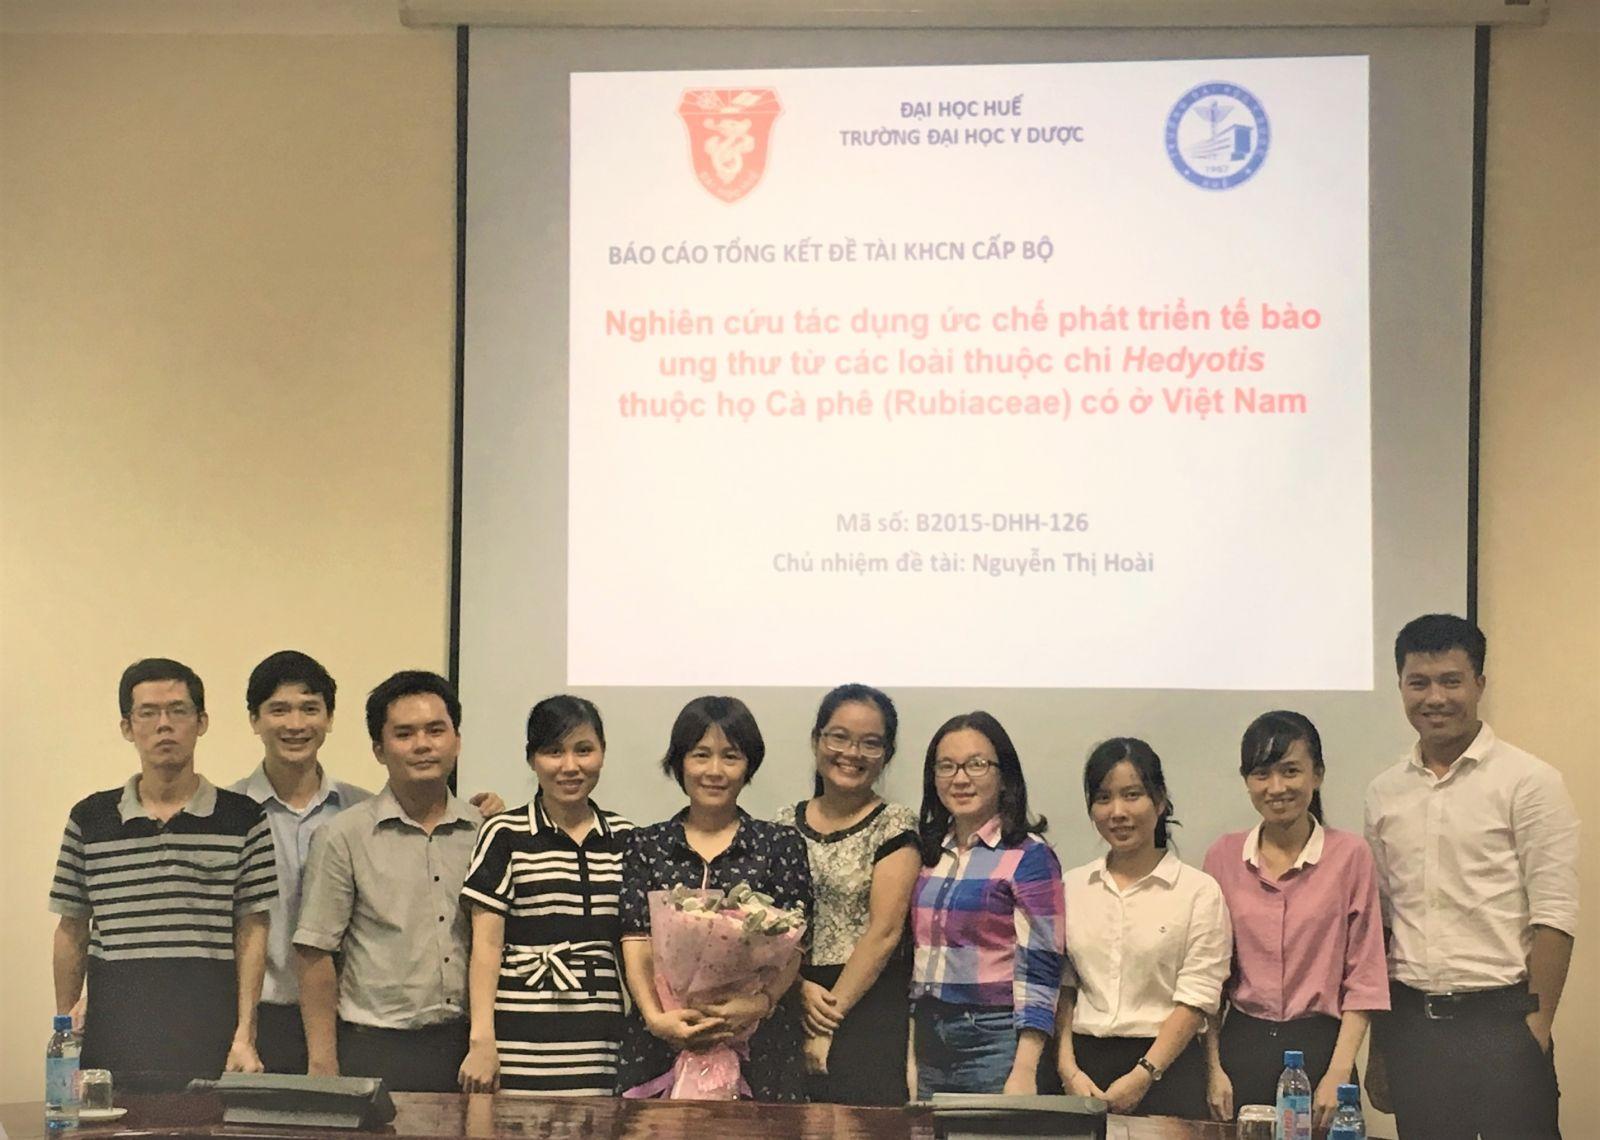 Nhóm nghiên cứu Hợp chất thiên nhiên (Khoa Dược, Trường Đại học Y Dược Huế, Đại học Huế)